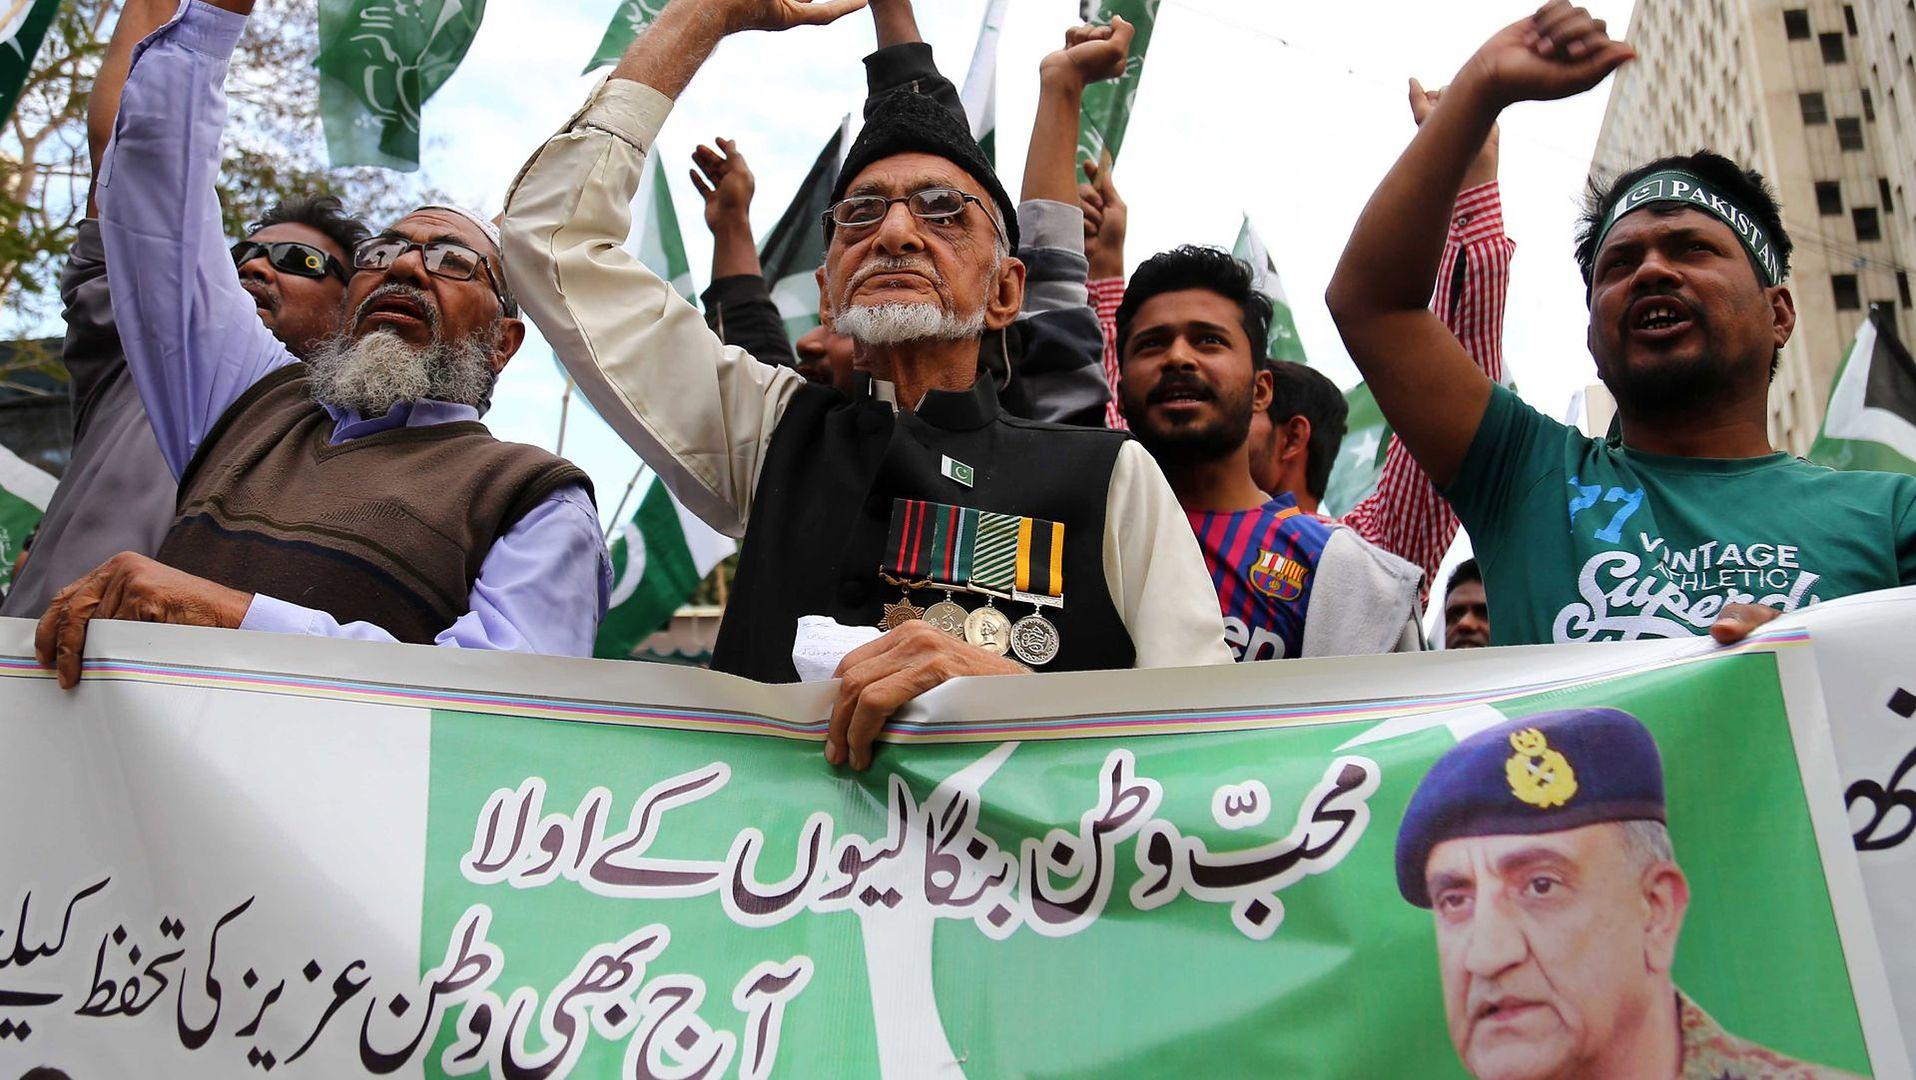 Anty indyjska demonstracja w Karaczi. 27 lutego 2019 roku.